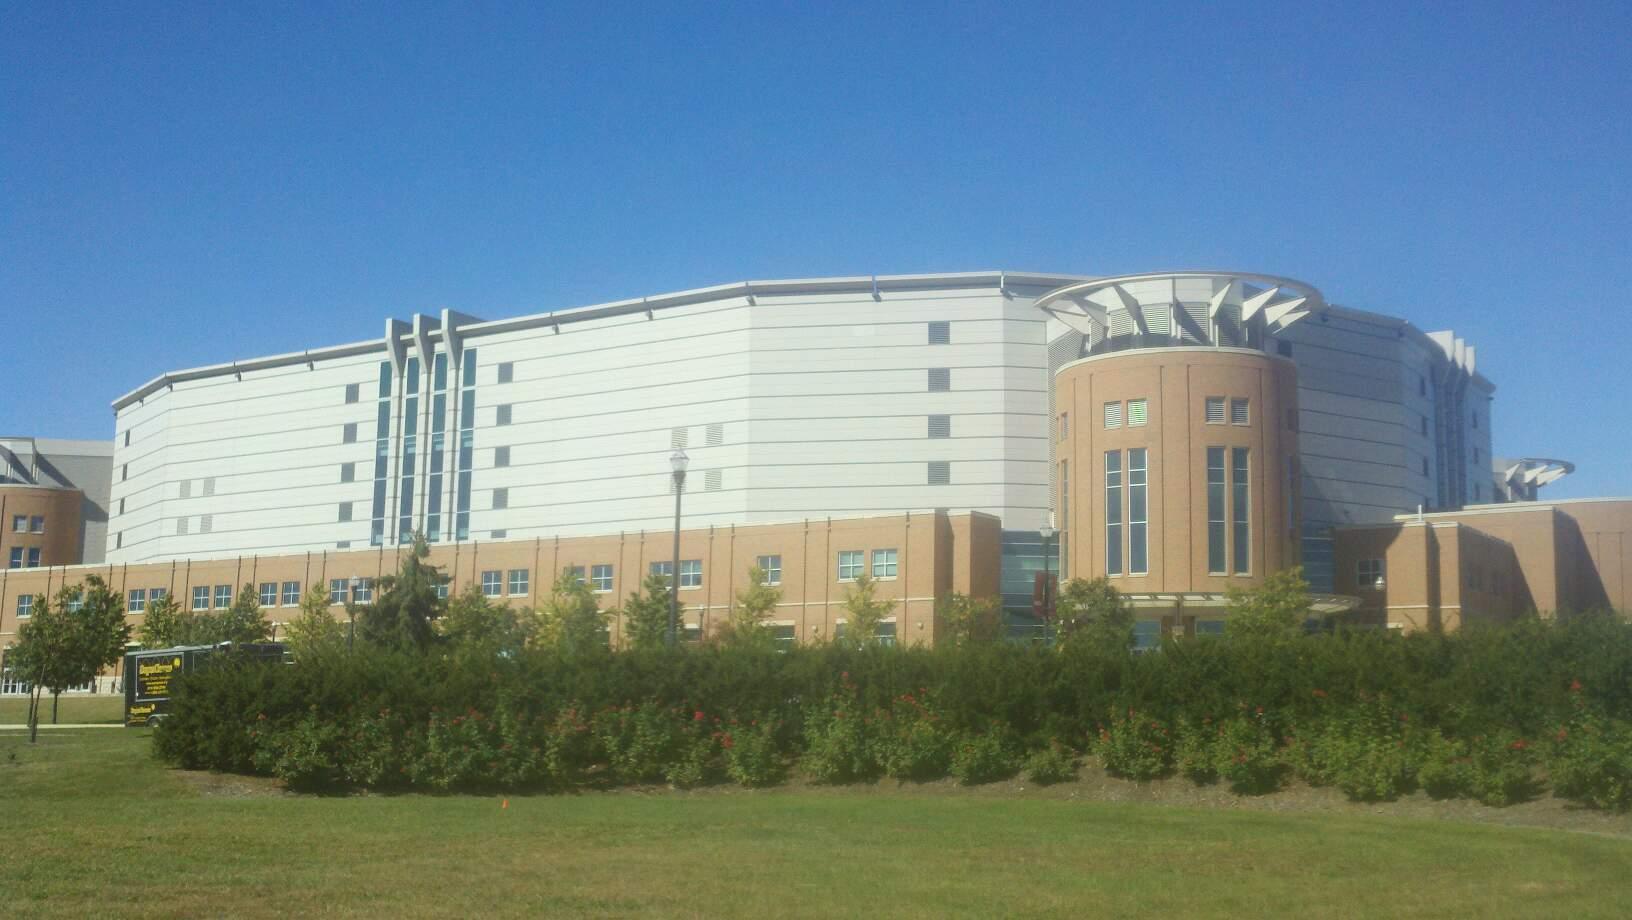 Value City Arena